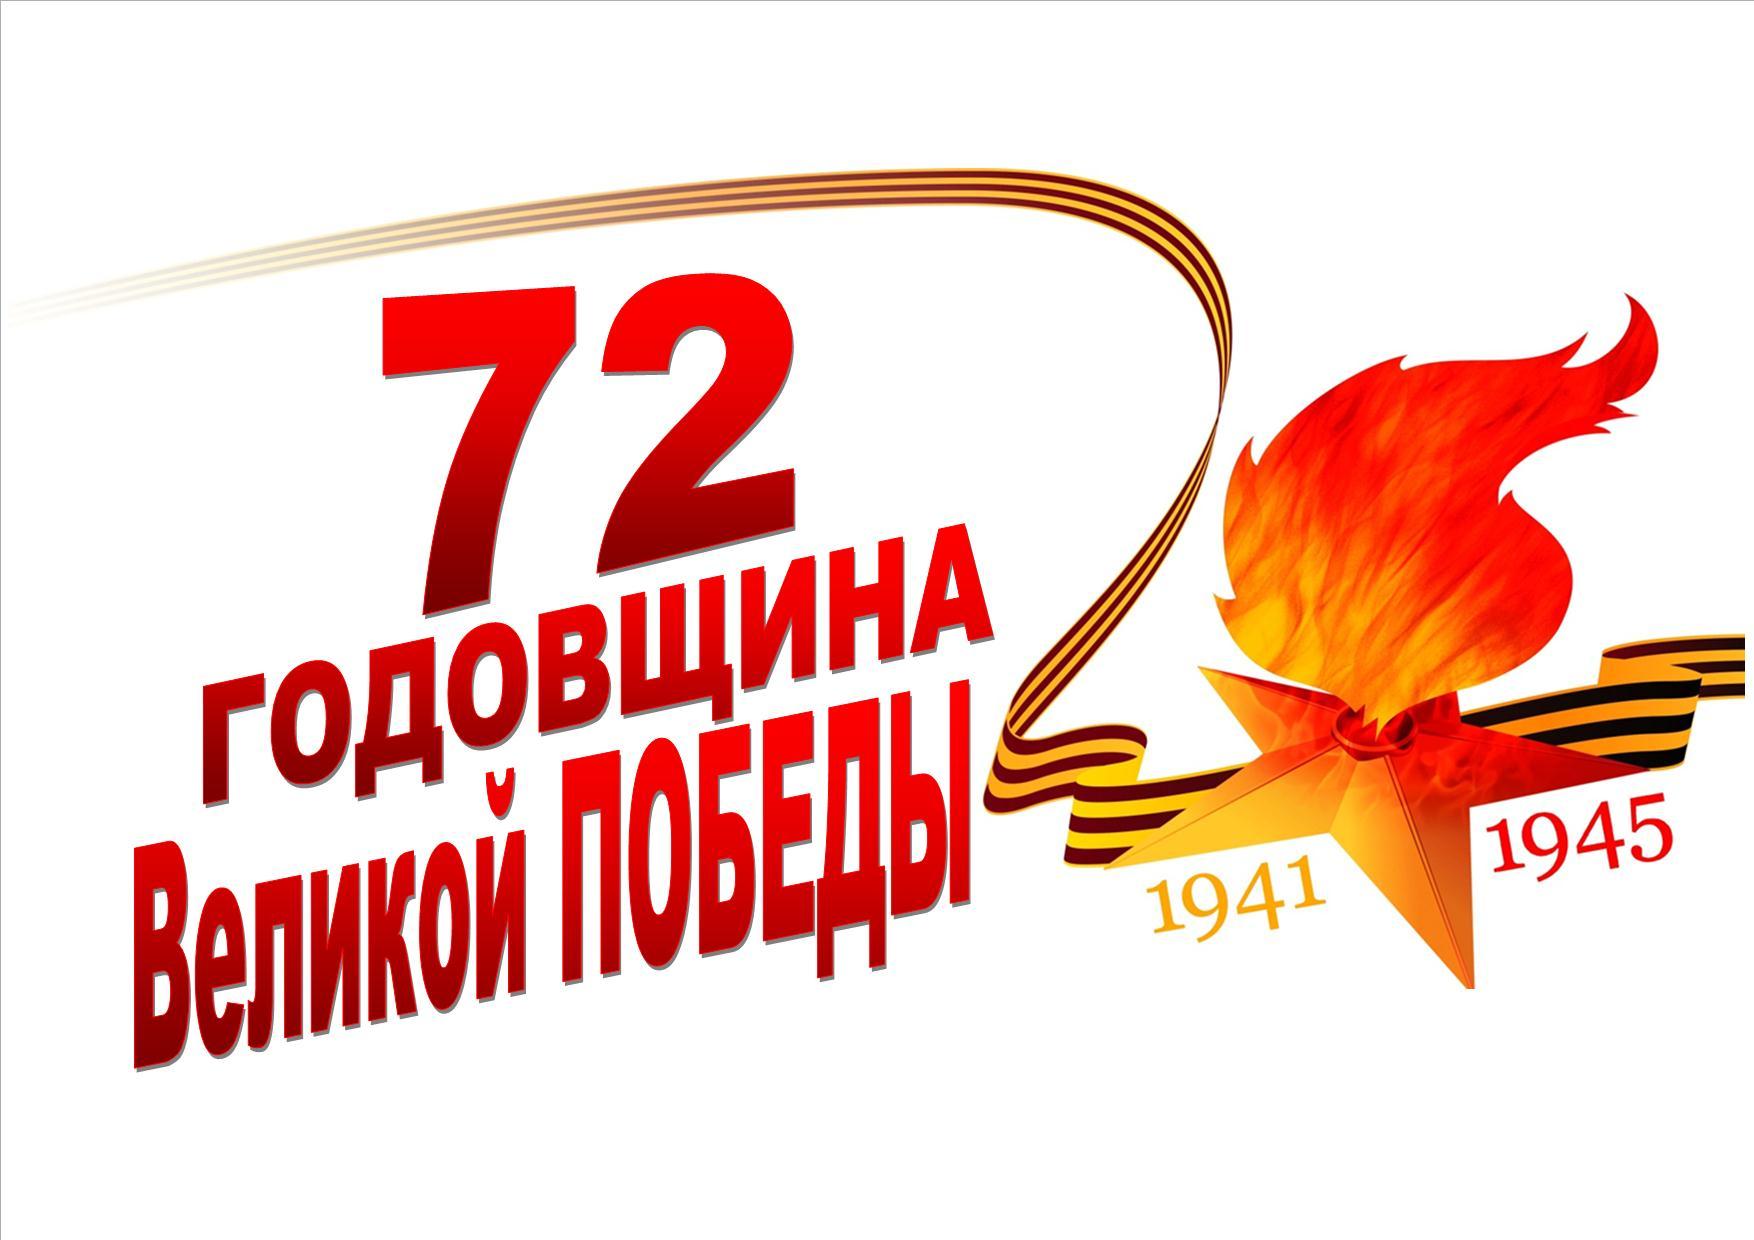 72-я годовщина победы